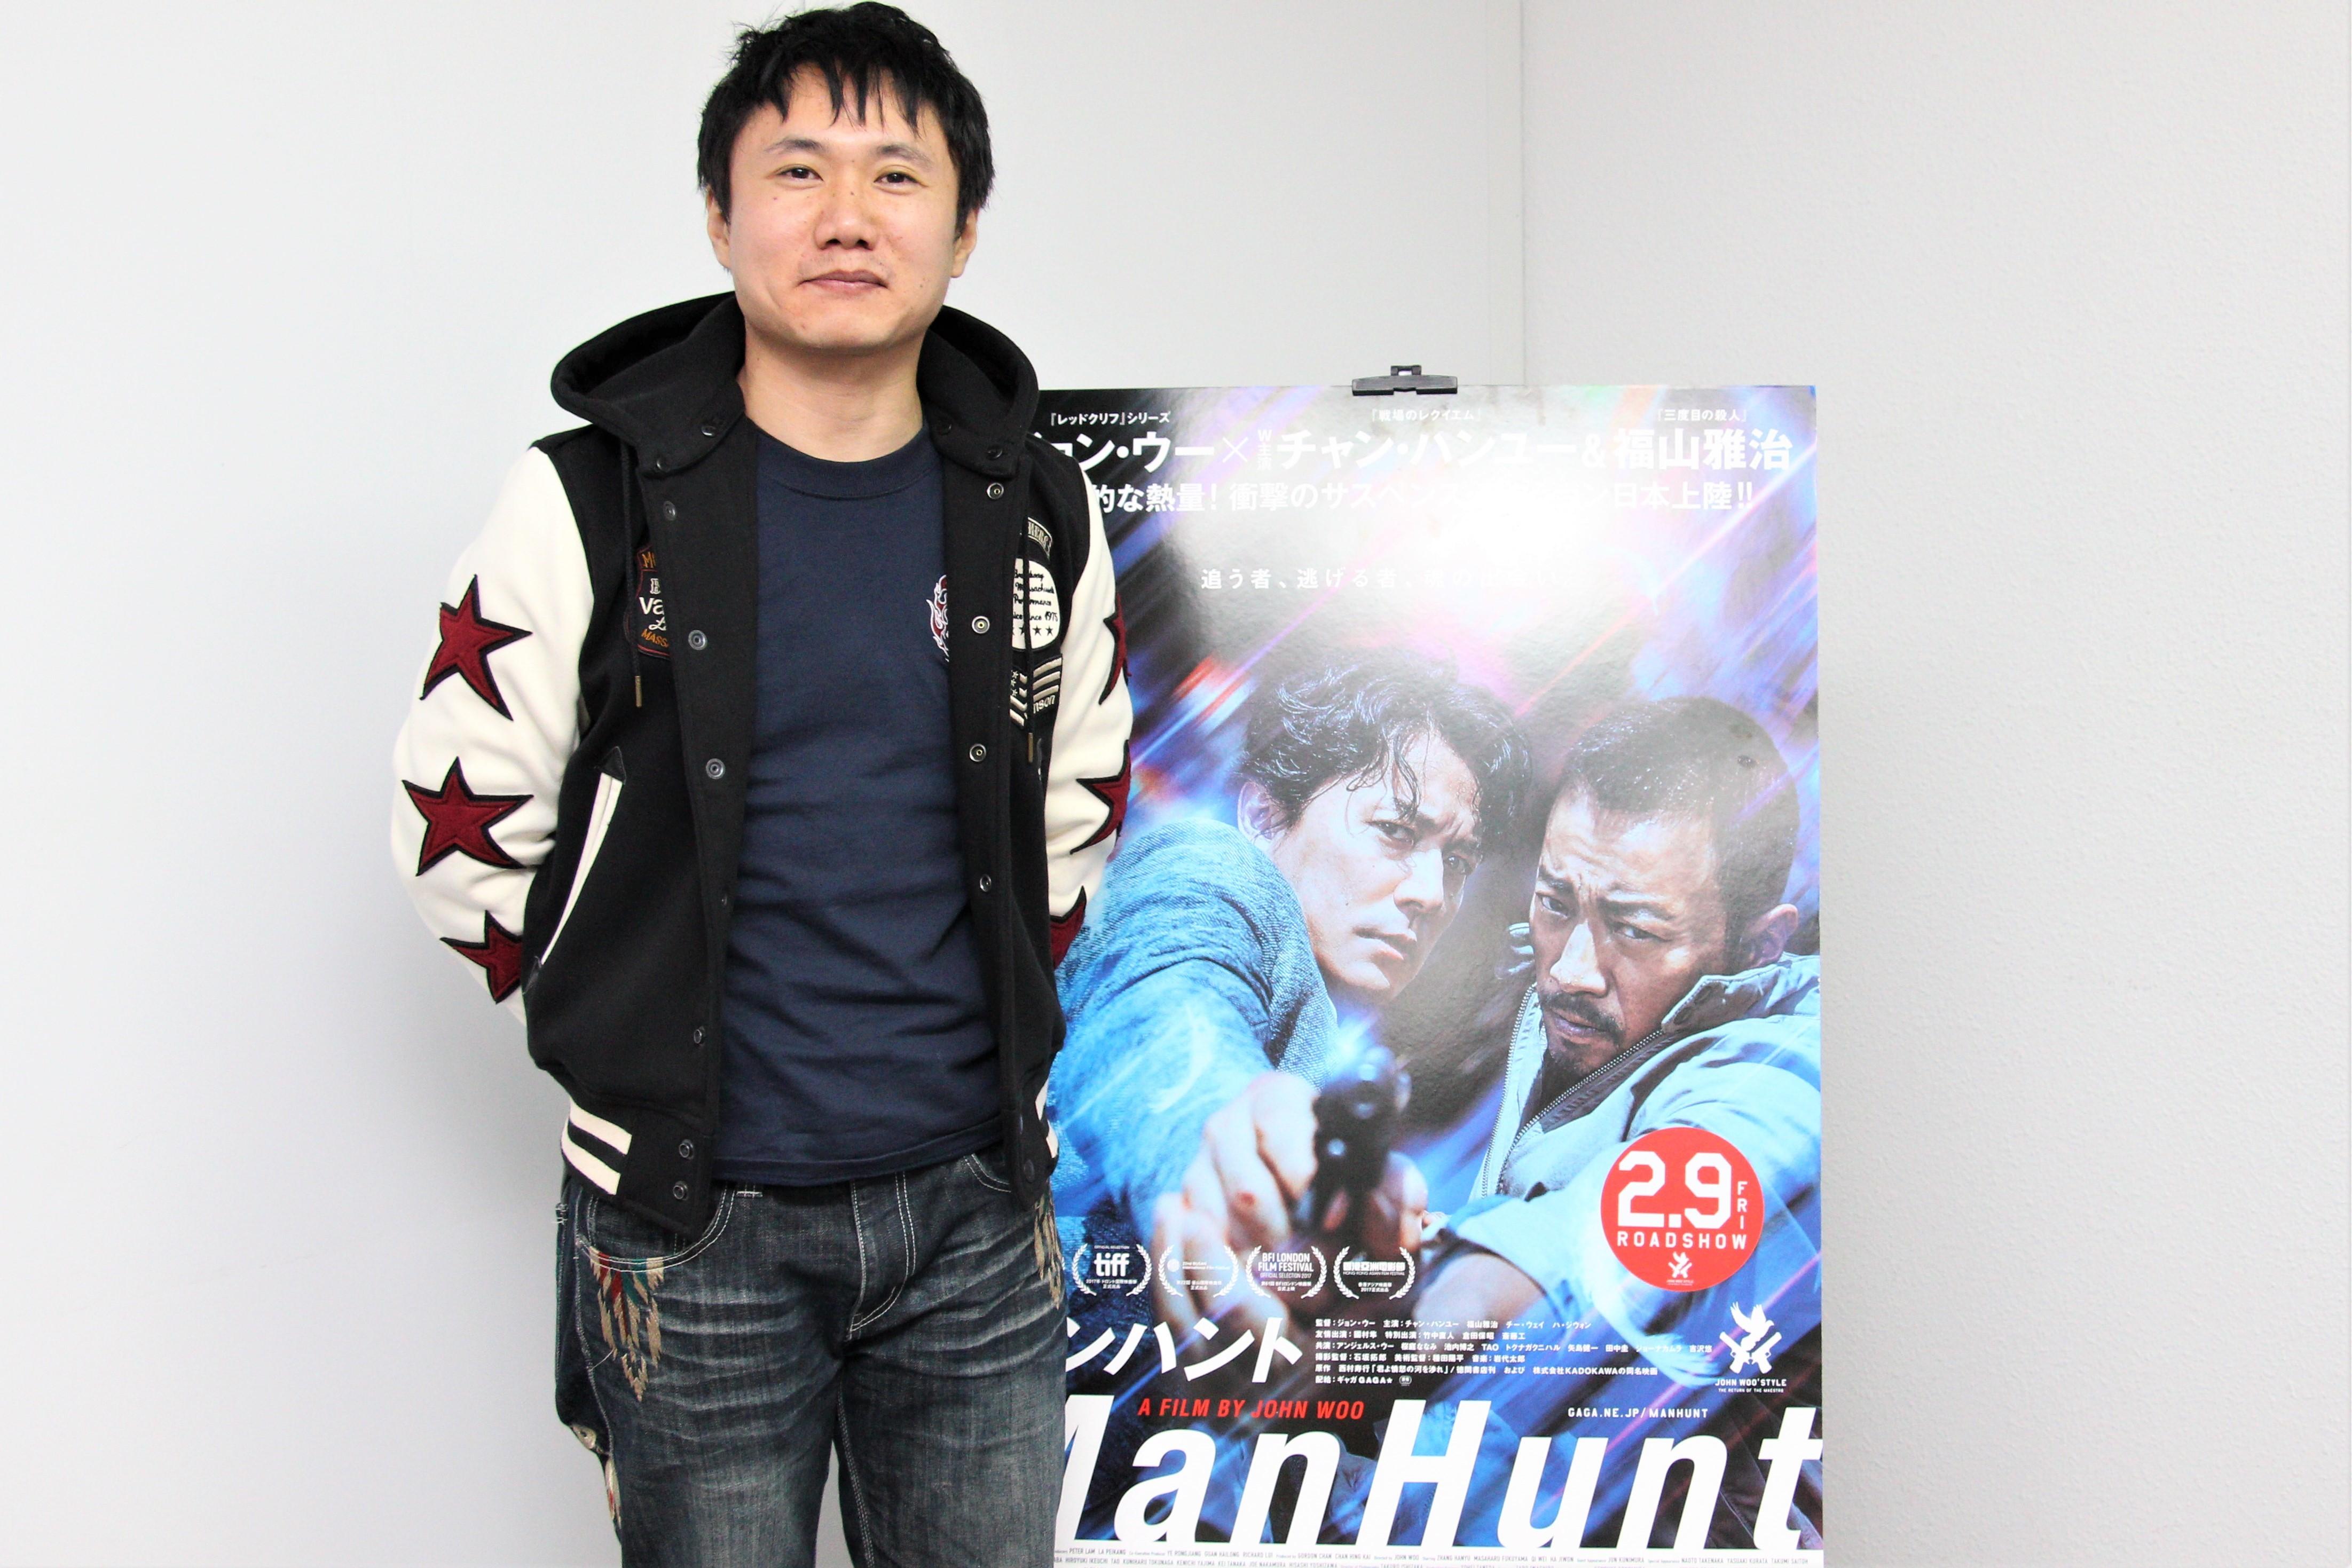 『マンハント』アクション振付・園村健介氏